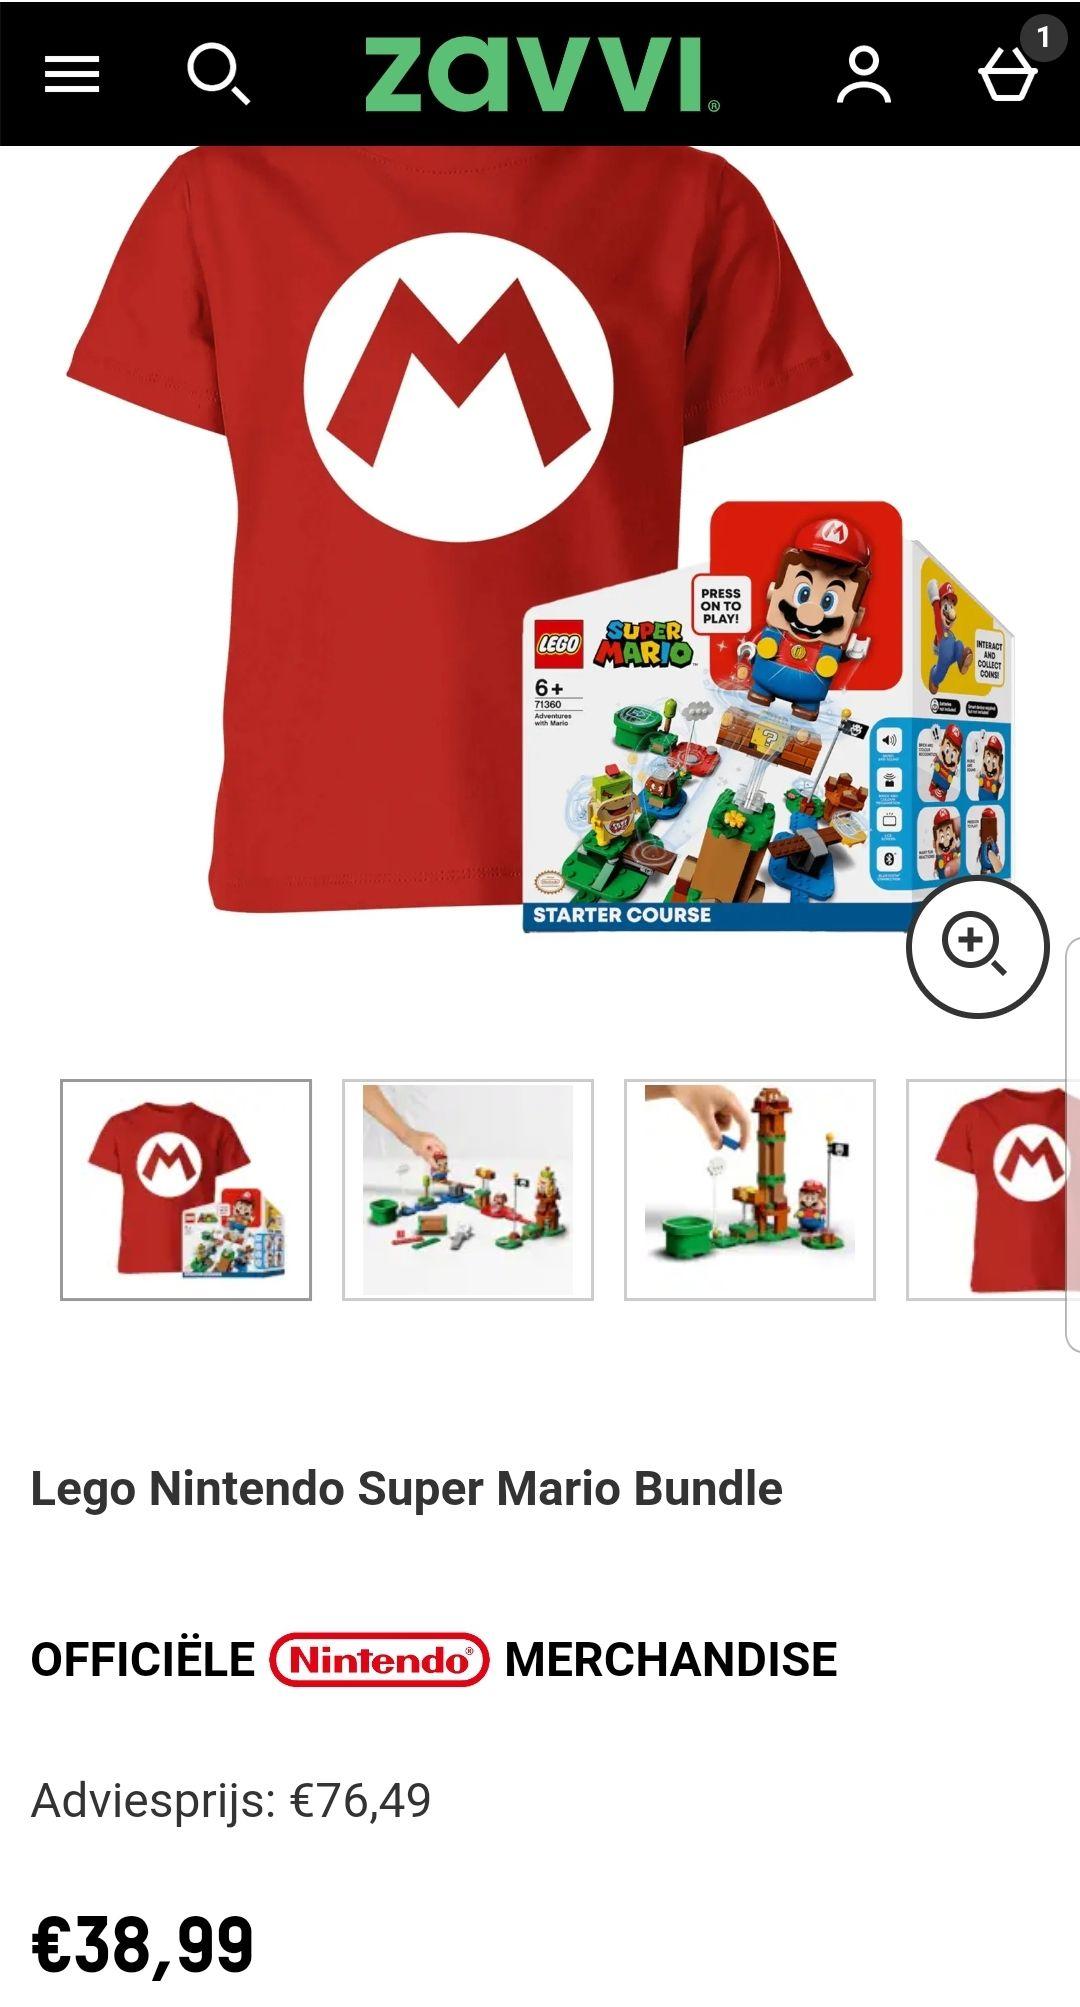 Lego Nintendo Super Mario Bundle